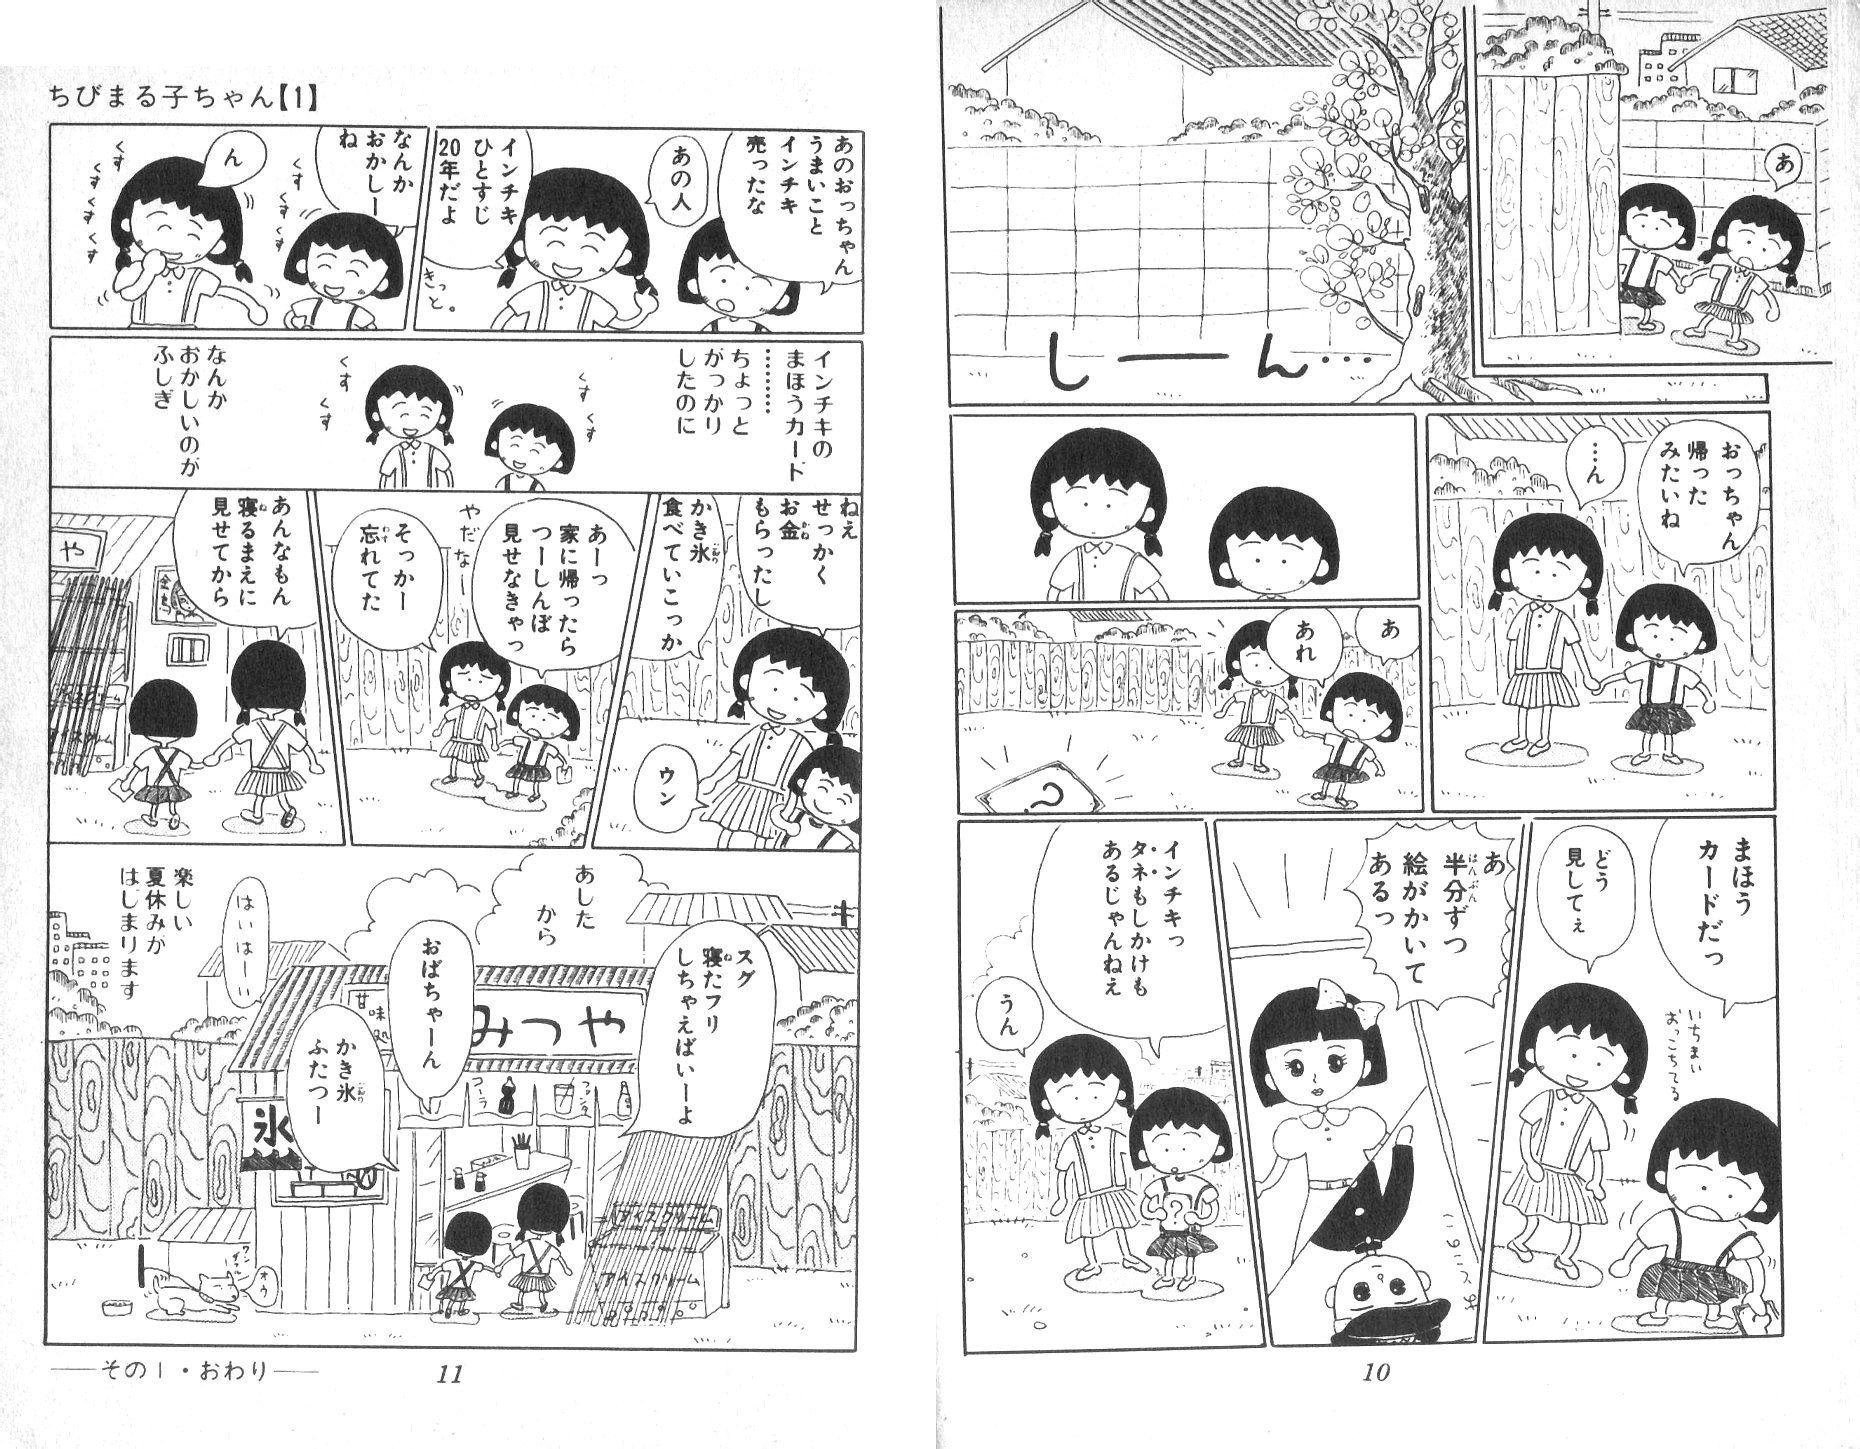 小丸子全集下载_日语版本 2009-01-08 求动画版樱桃小丸子日文版全集下载 15 2011-05